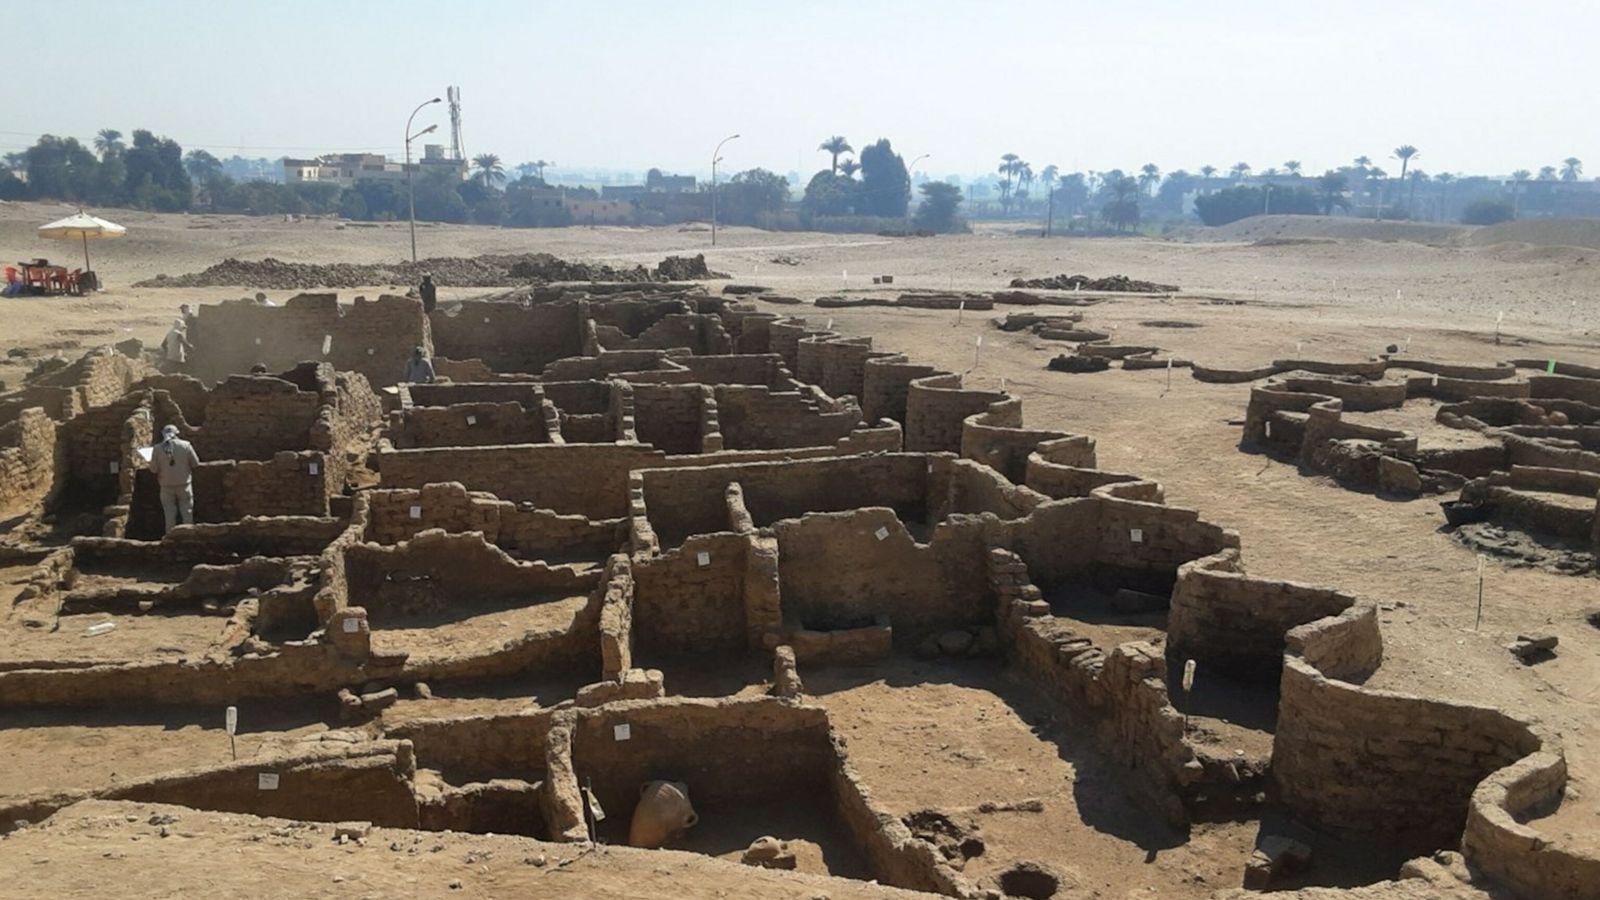 Die Lehmziegelmauern der 3.400 Jahre alten Stadt, die hier von einer markanten Wellenmuster-Mauer umschlossen werden, sind ...